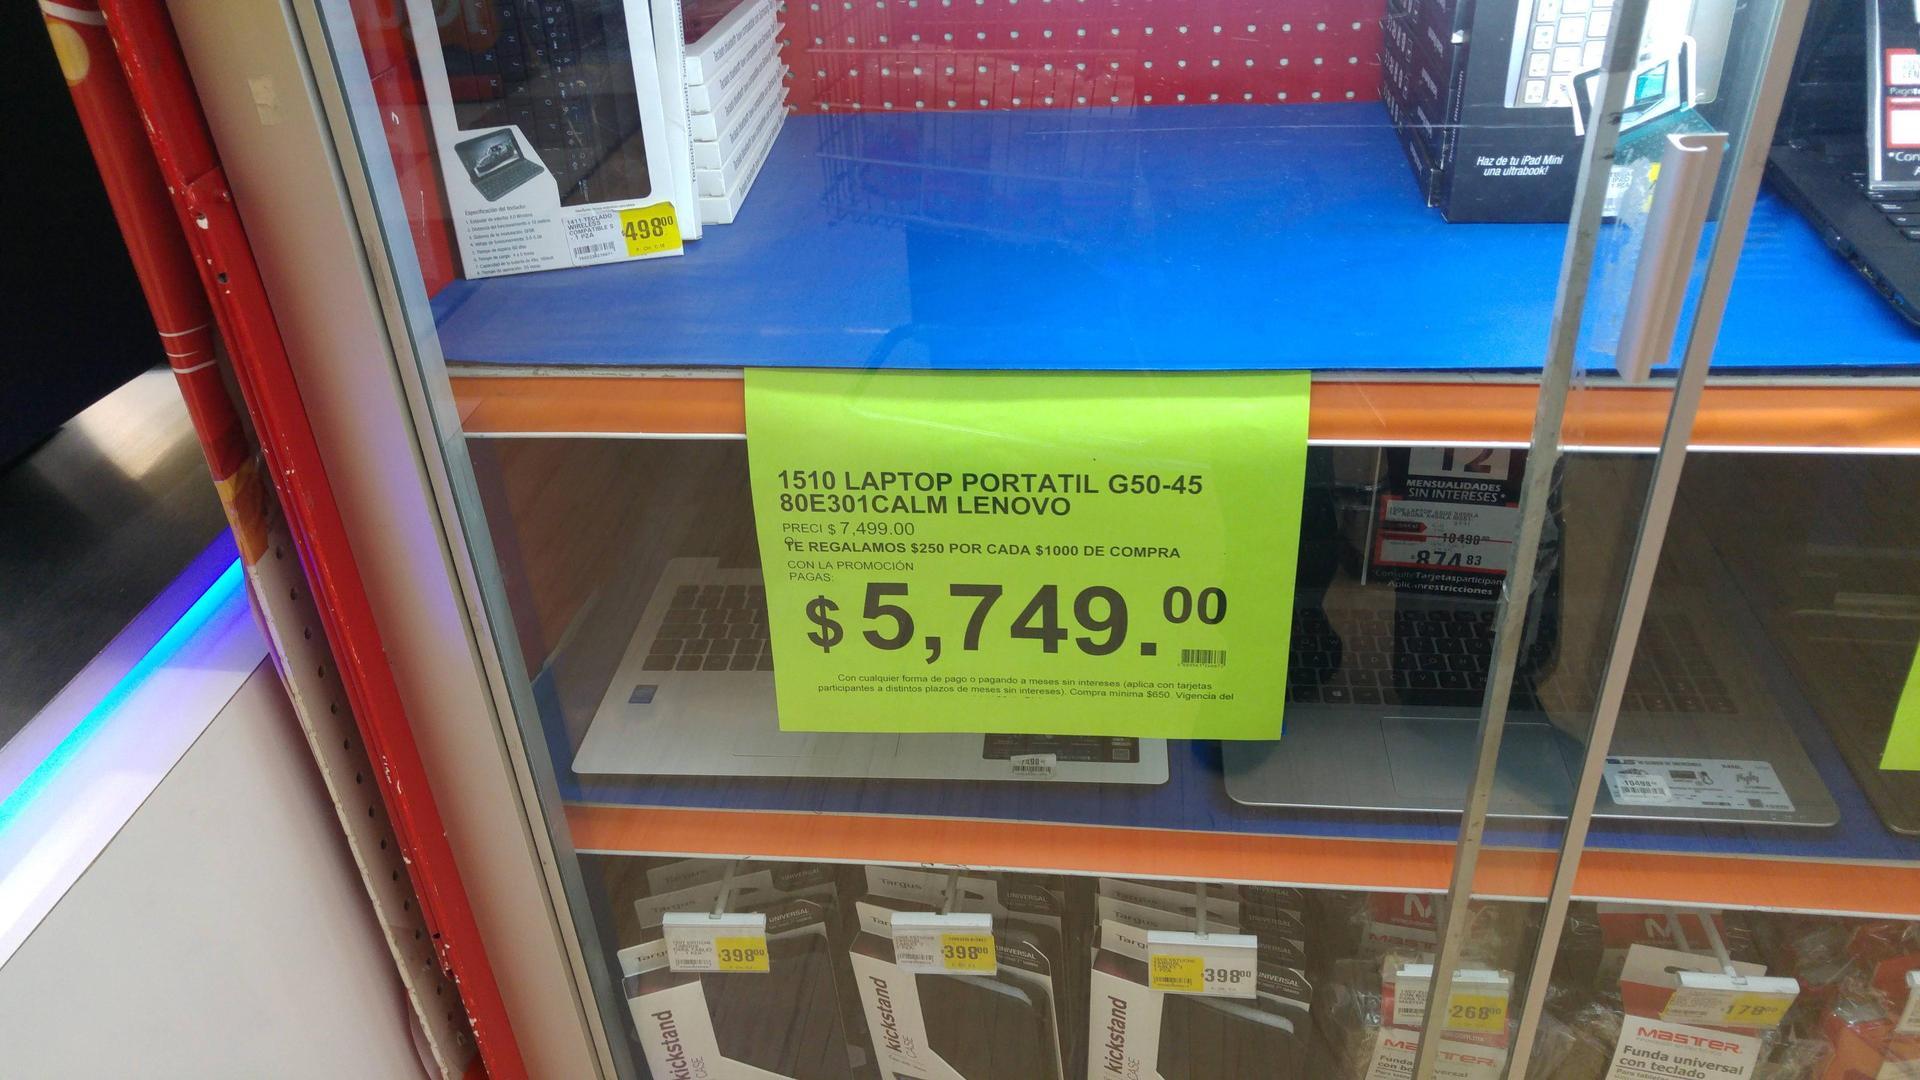 Mega Comercial Mexicana Mixcoac: Laptop Lenovo G50-45 80E301